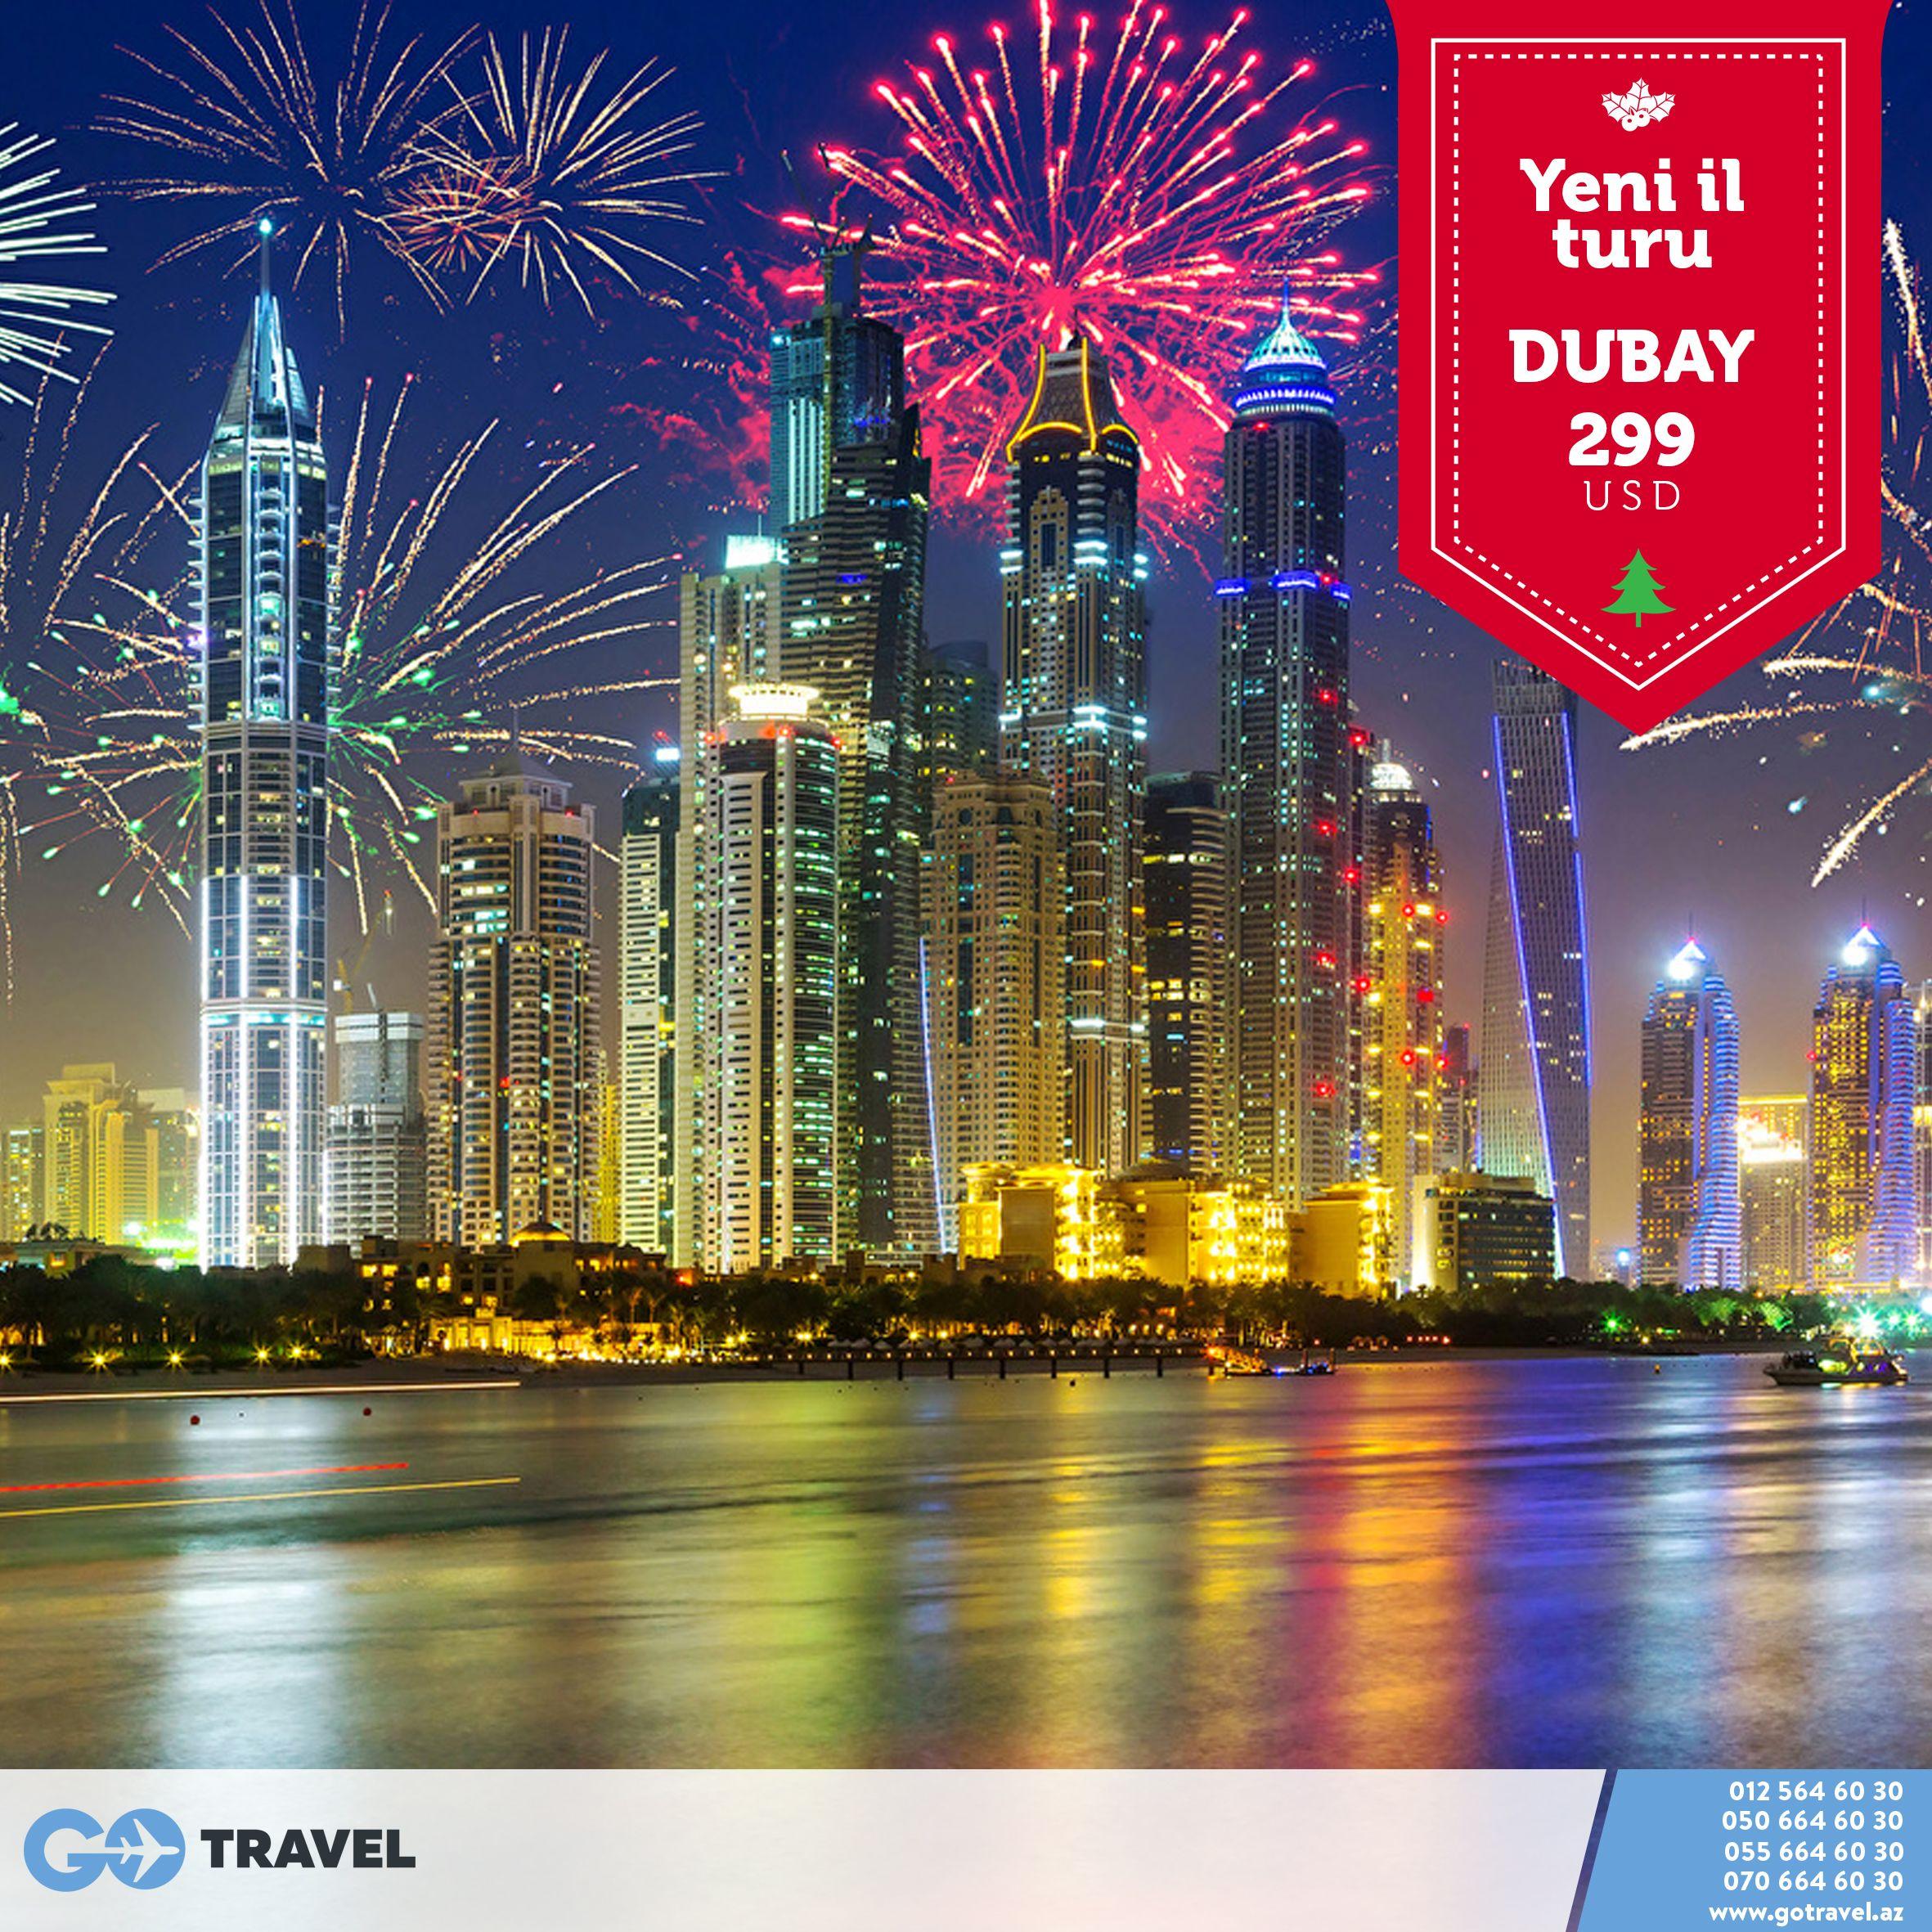 Dubay Turlar Yeni Il Turlari Ucuz Turlar Avropa Turlari Xarici Turlar Ucuz Aviabiletler Dubaya Istirahet Dubai Tours Duba Landmarks Travel Times Square